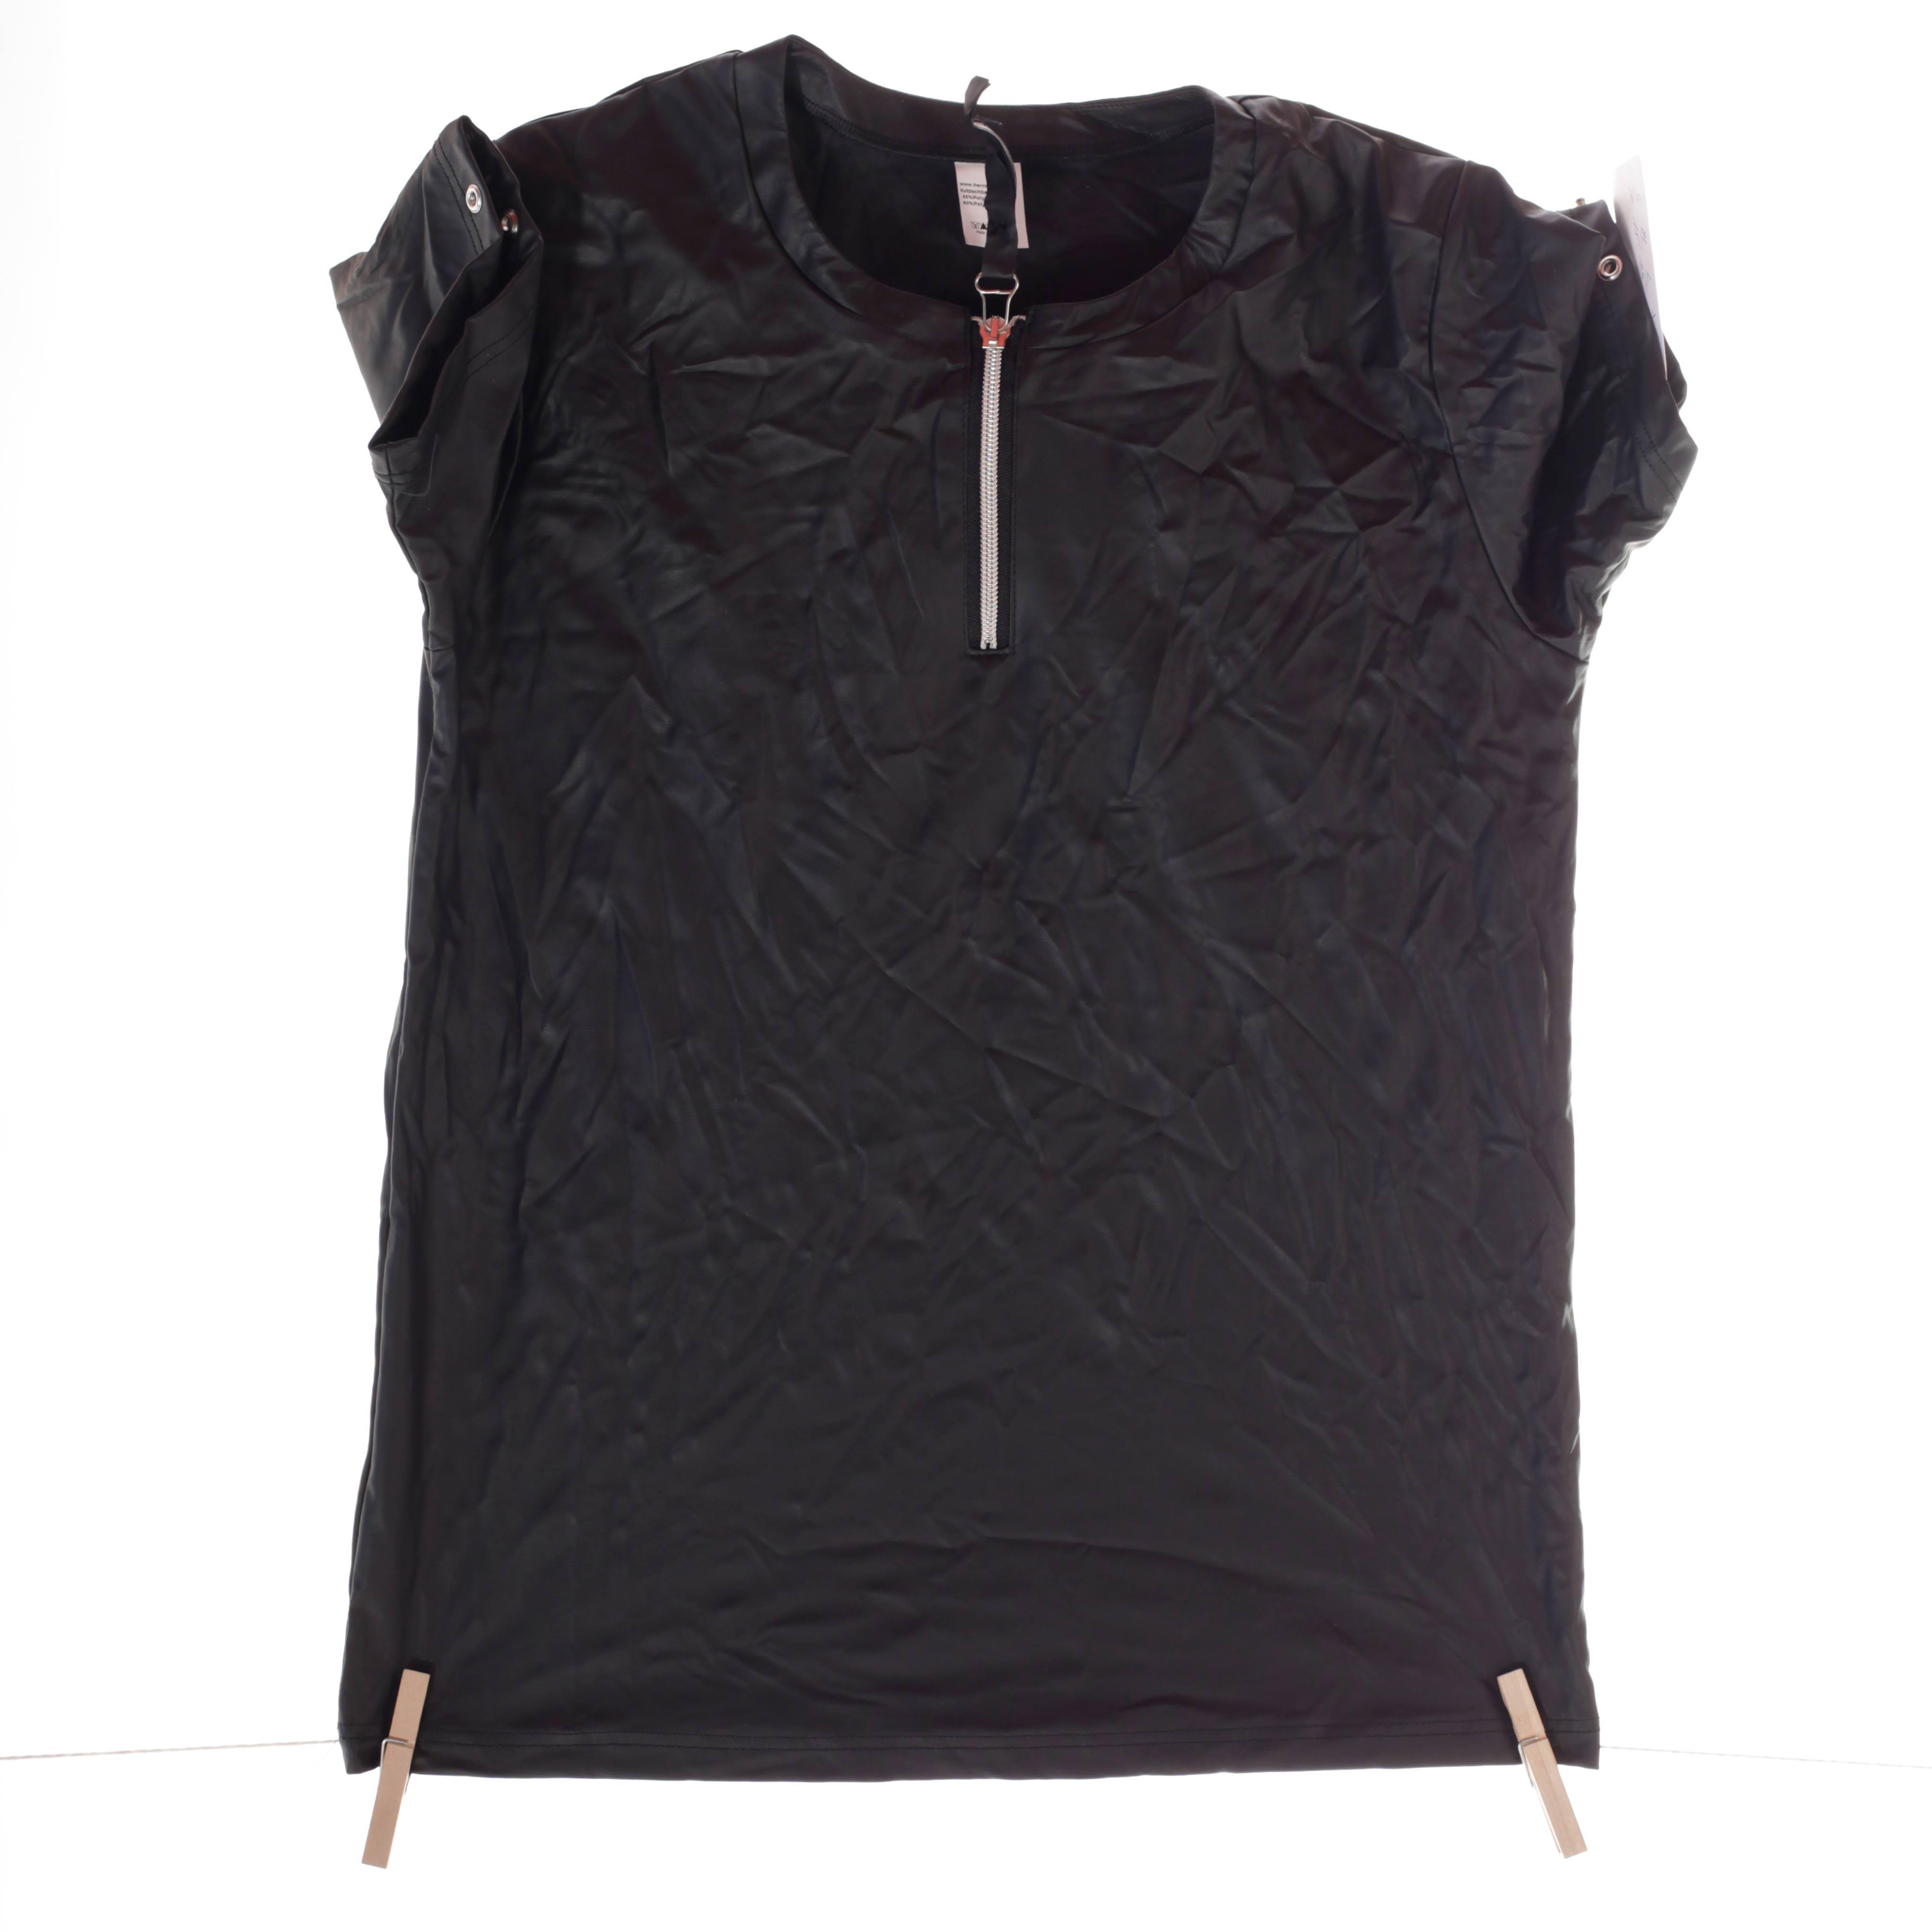 Dieses edle Leatherlike T-Shirt mit Ösen und Reißverschluss ist ein Only for Me Produkt. Das heißt, es gibt dieses Shirt online nur bei uns – in begrenzter Stückzahl! Also schnell zugreifen. Größen Erhältlich in Größe M Materialzusammensetzung festes Leatherlike: 40% Polyester | 60% Polyurethan Besonderheiten Onlyforme-Produkt…